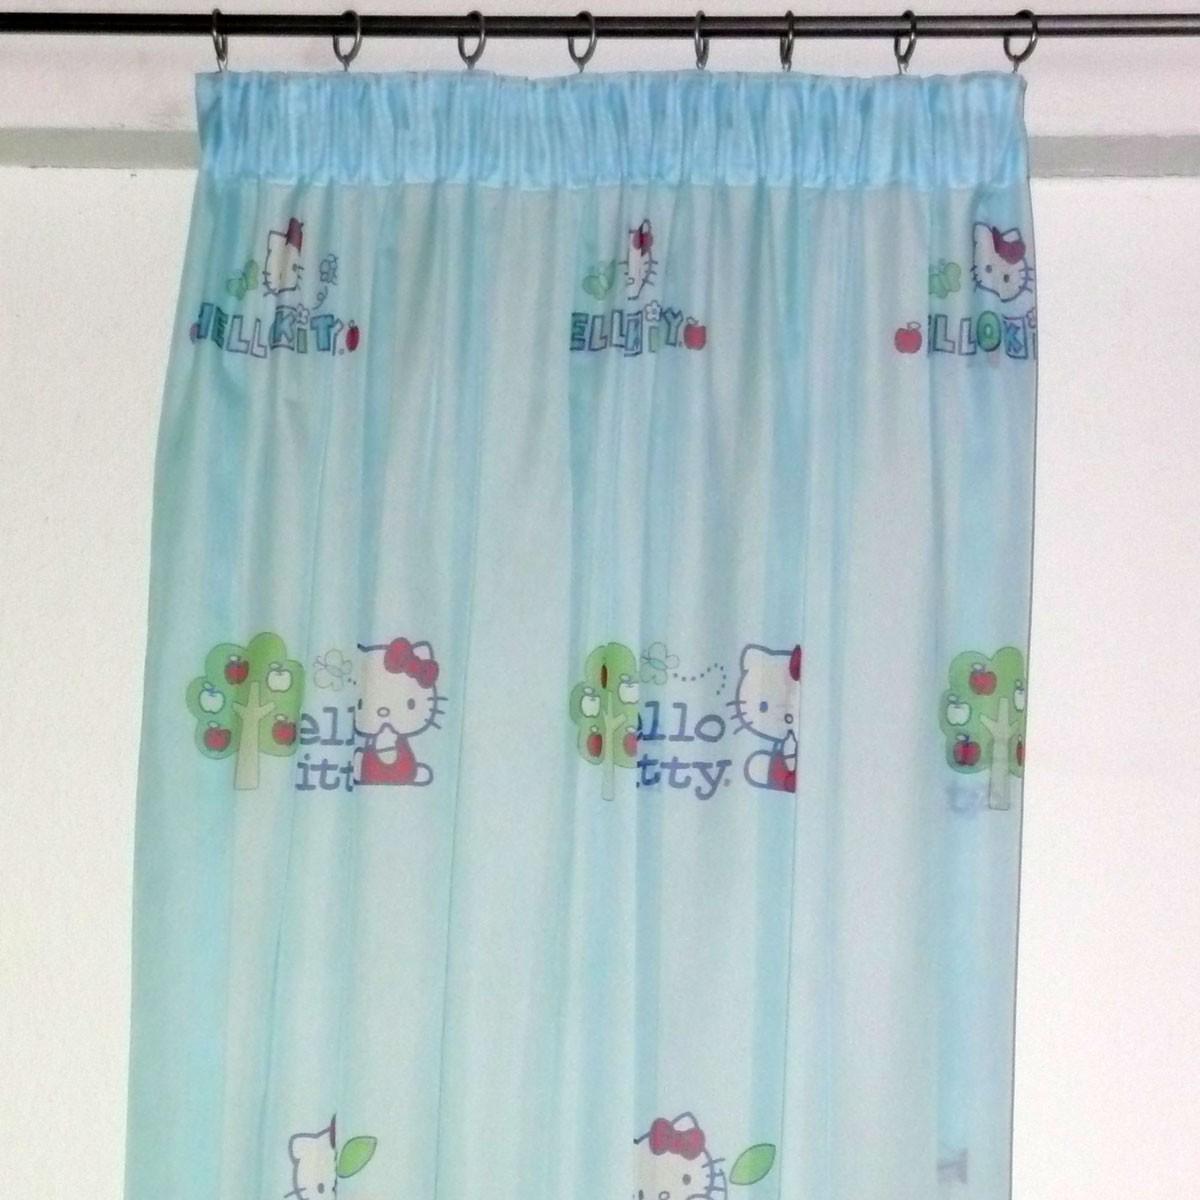 Vorhnge fr babyzimmer finest schnes vorhang lang with vorhnge fr babyzimmer fabulous gardinen - Vorhange babyzimmer ...